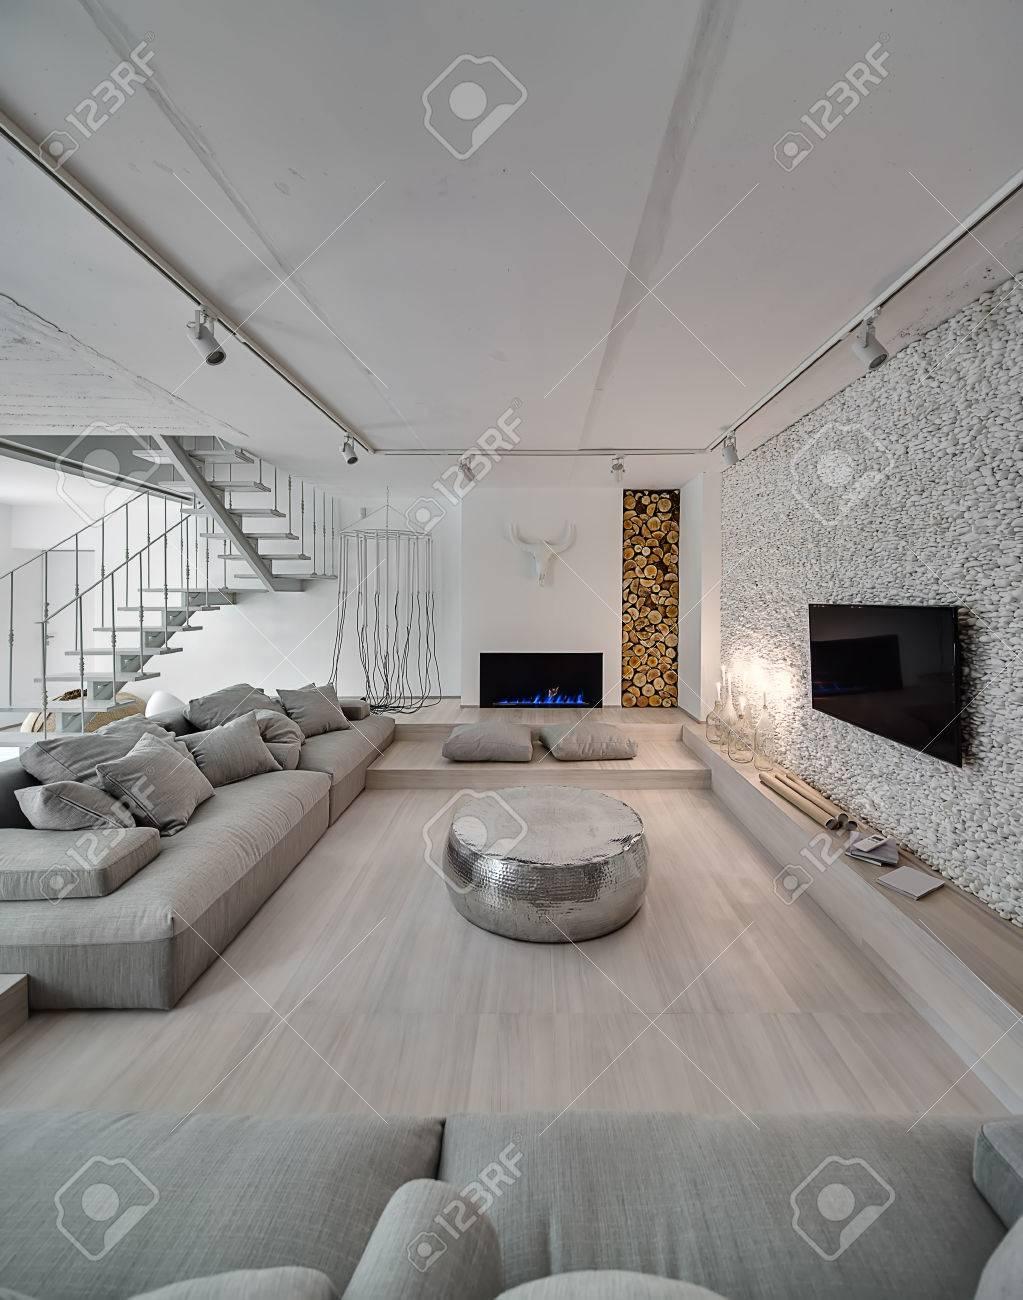 Zeitgenössisches Interieur Mit Weißen Wänden. Es Gibt Eine Weiße ...